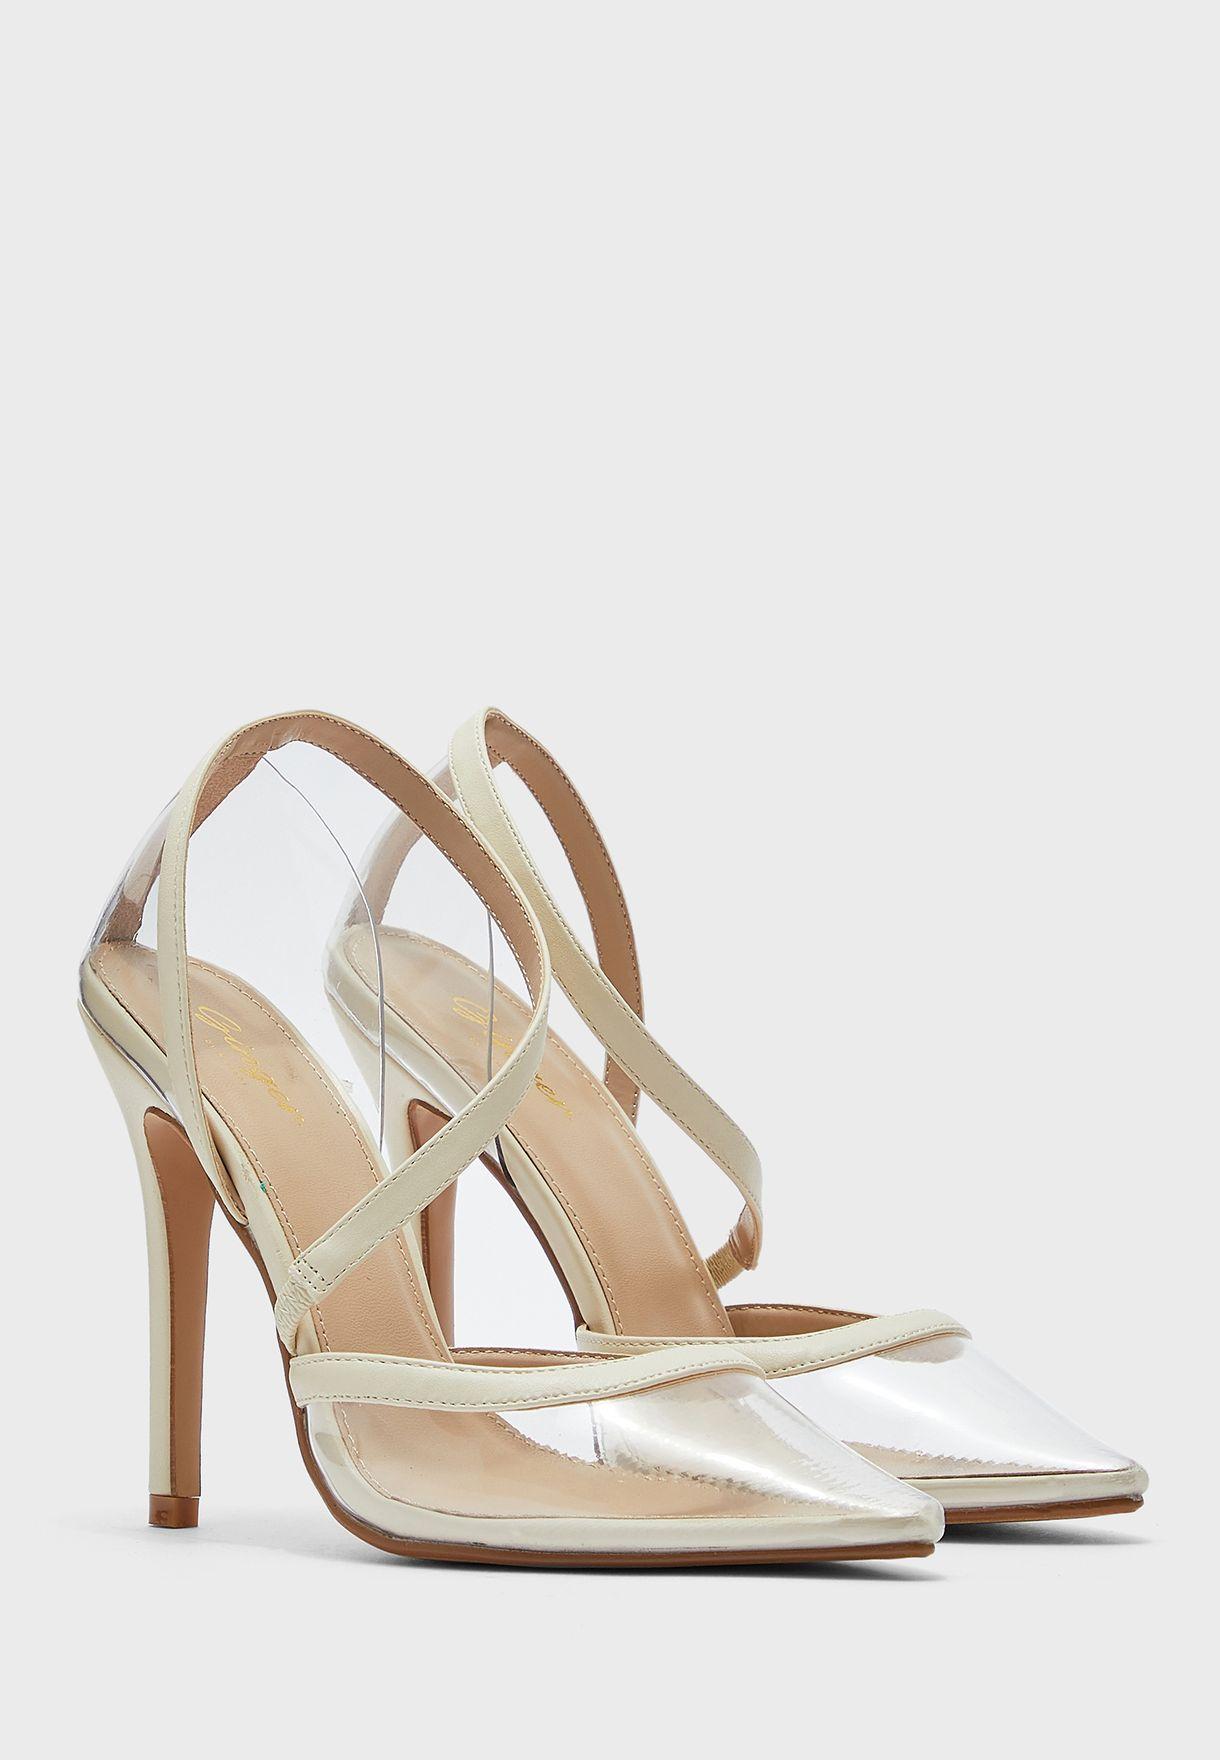 حذاء شفاف بسيور